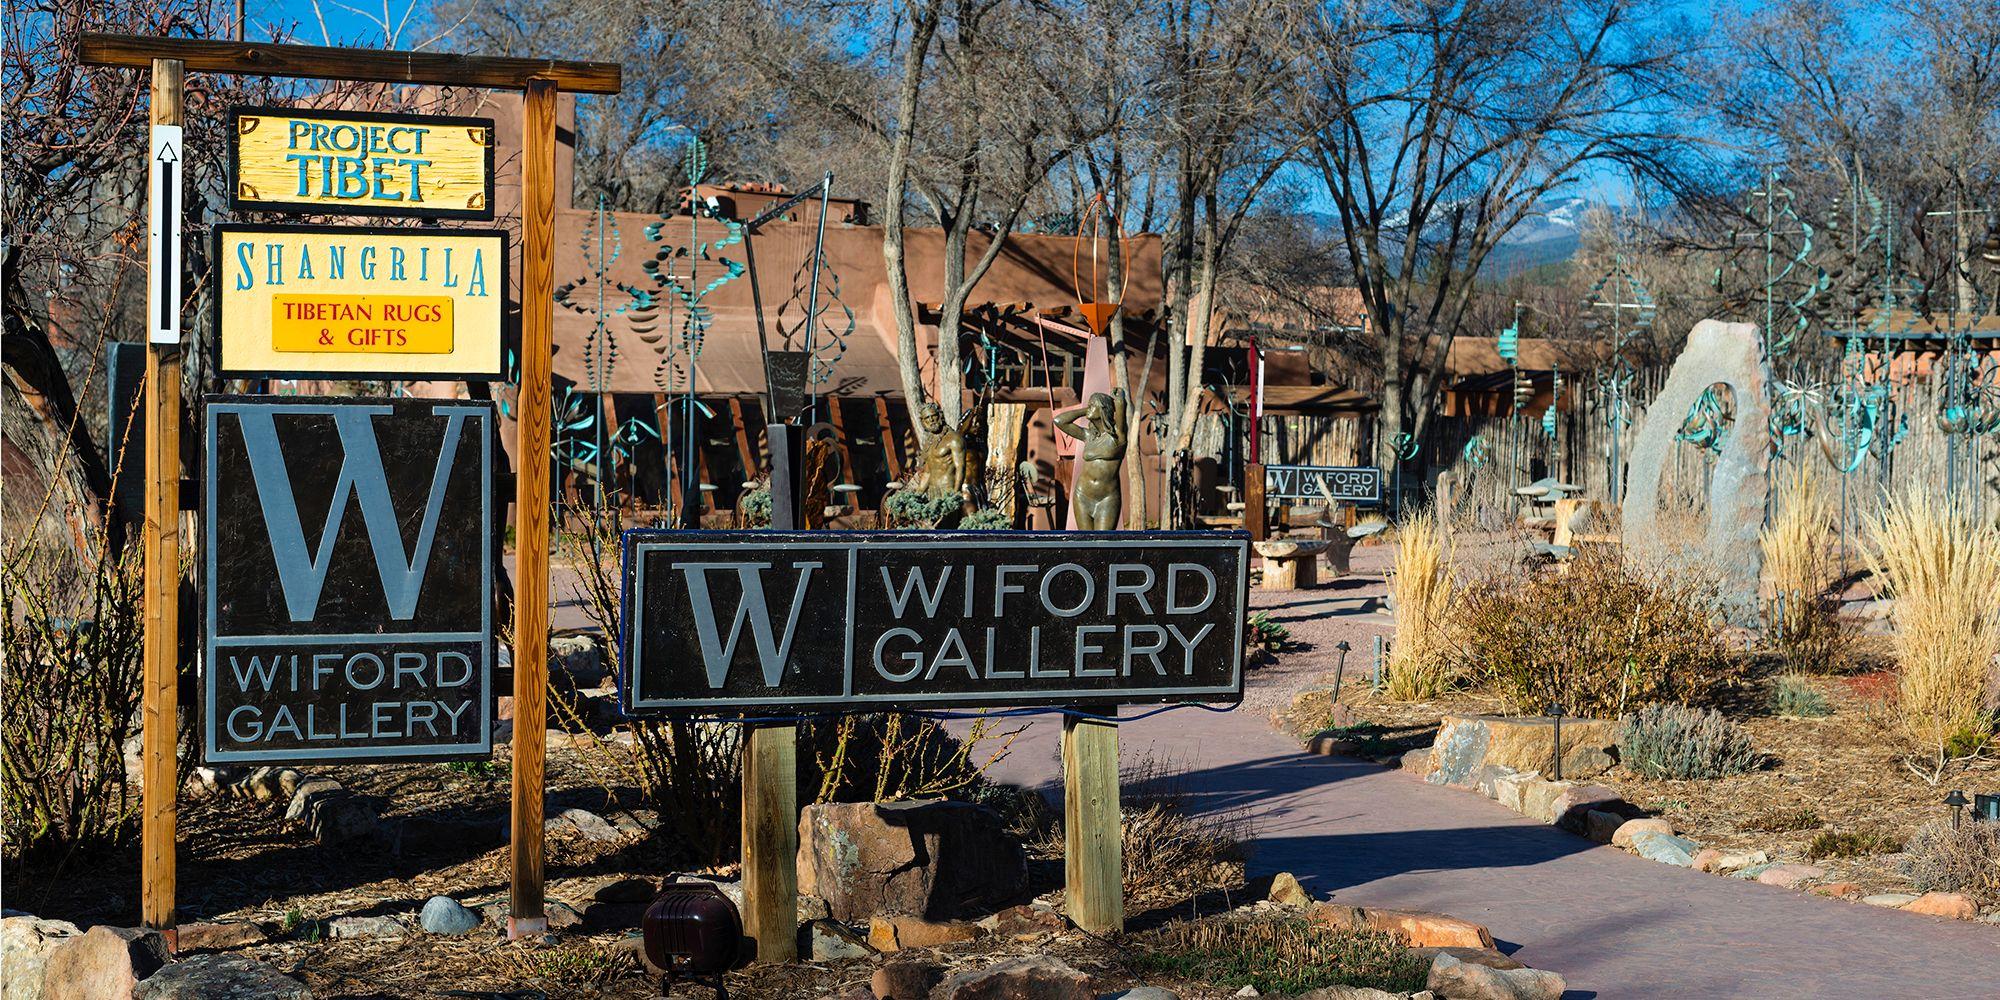 Canyon Road,Santa Fe  — New Mexico